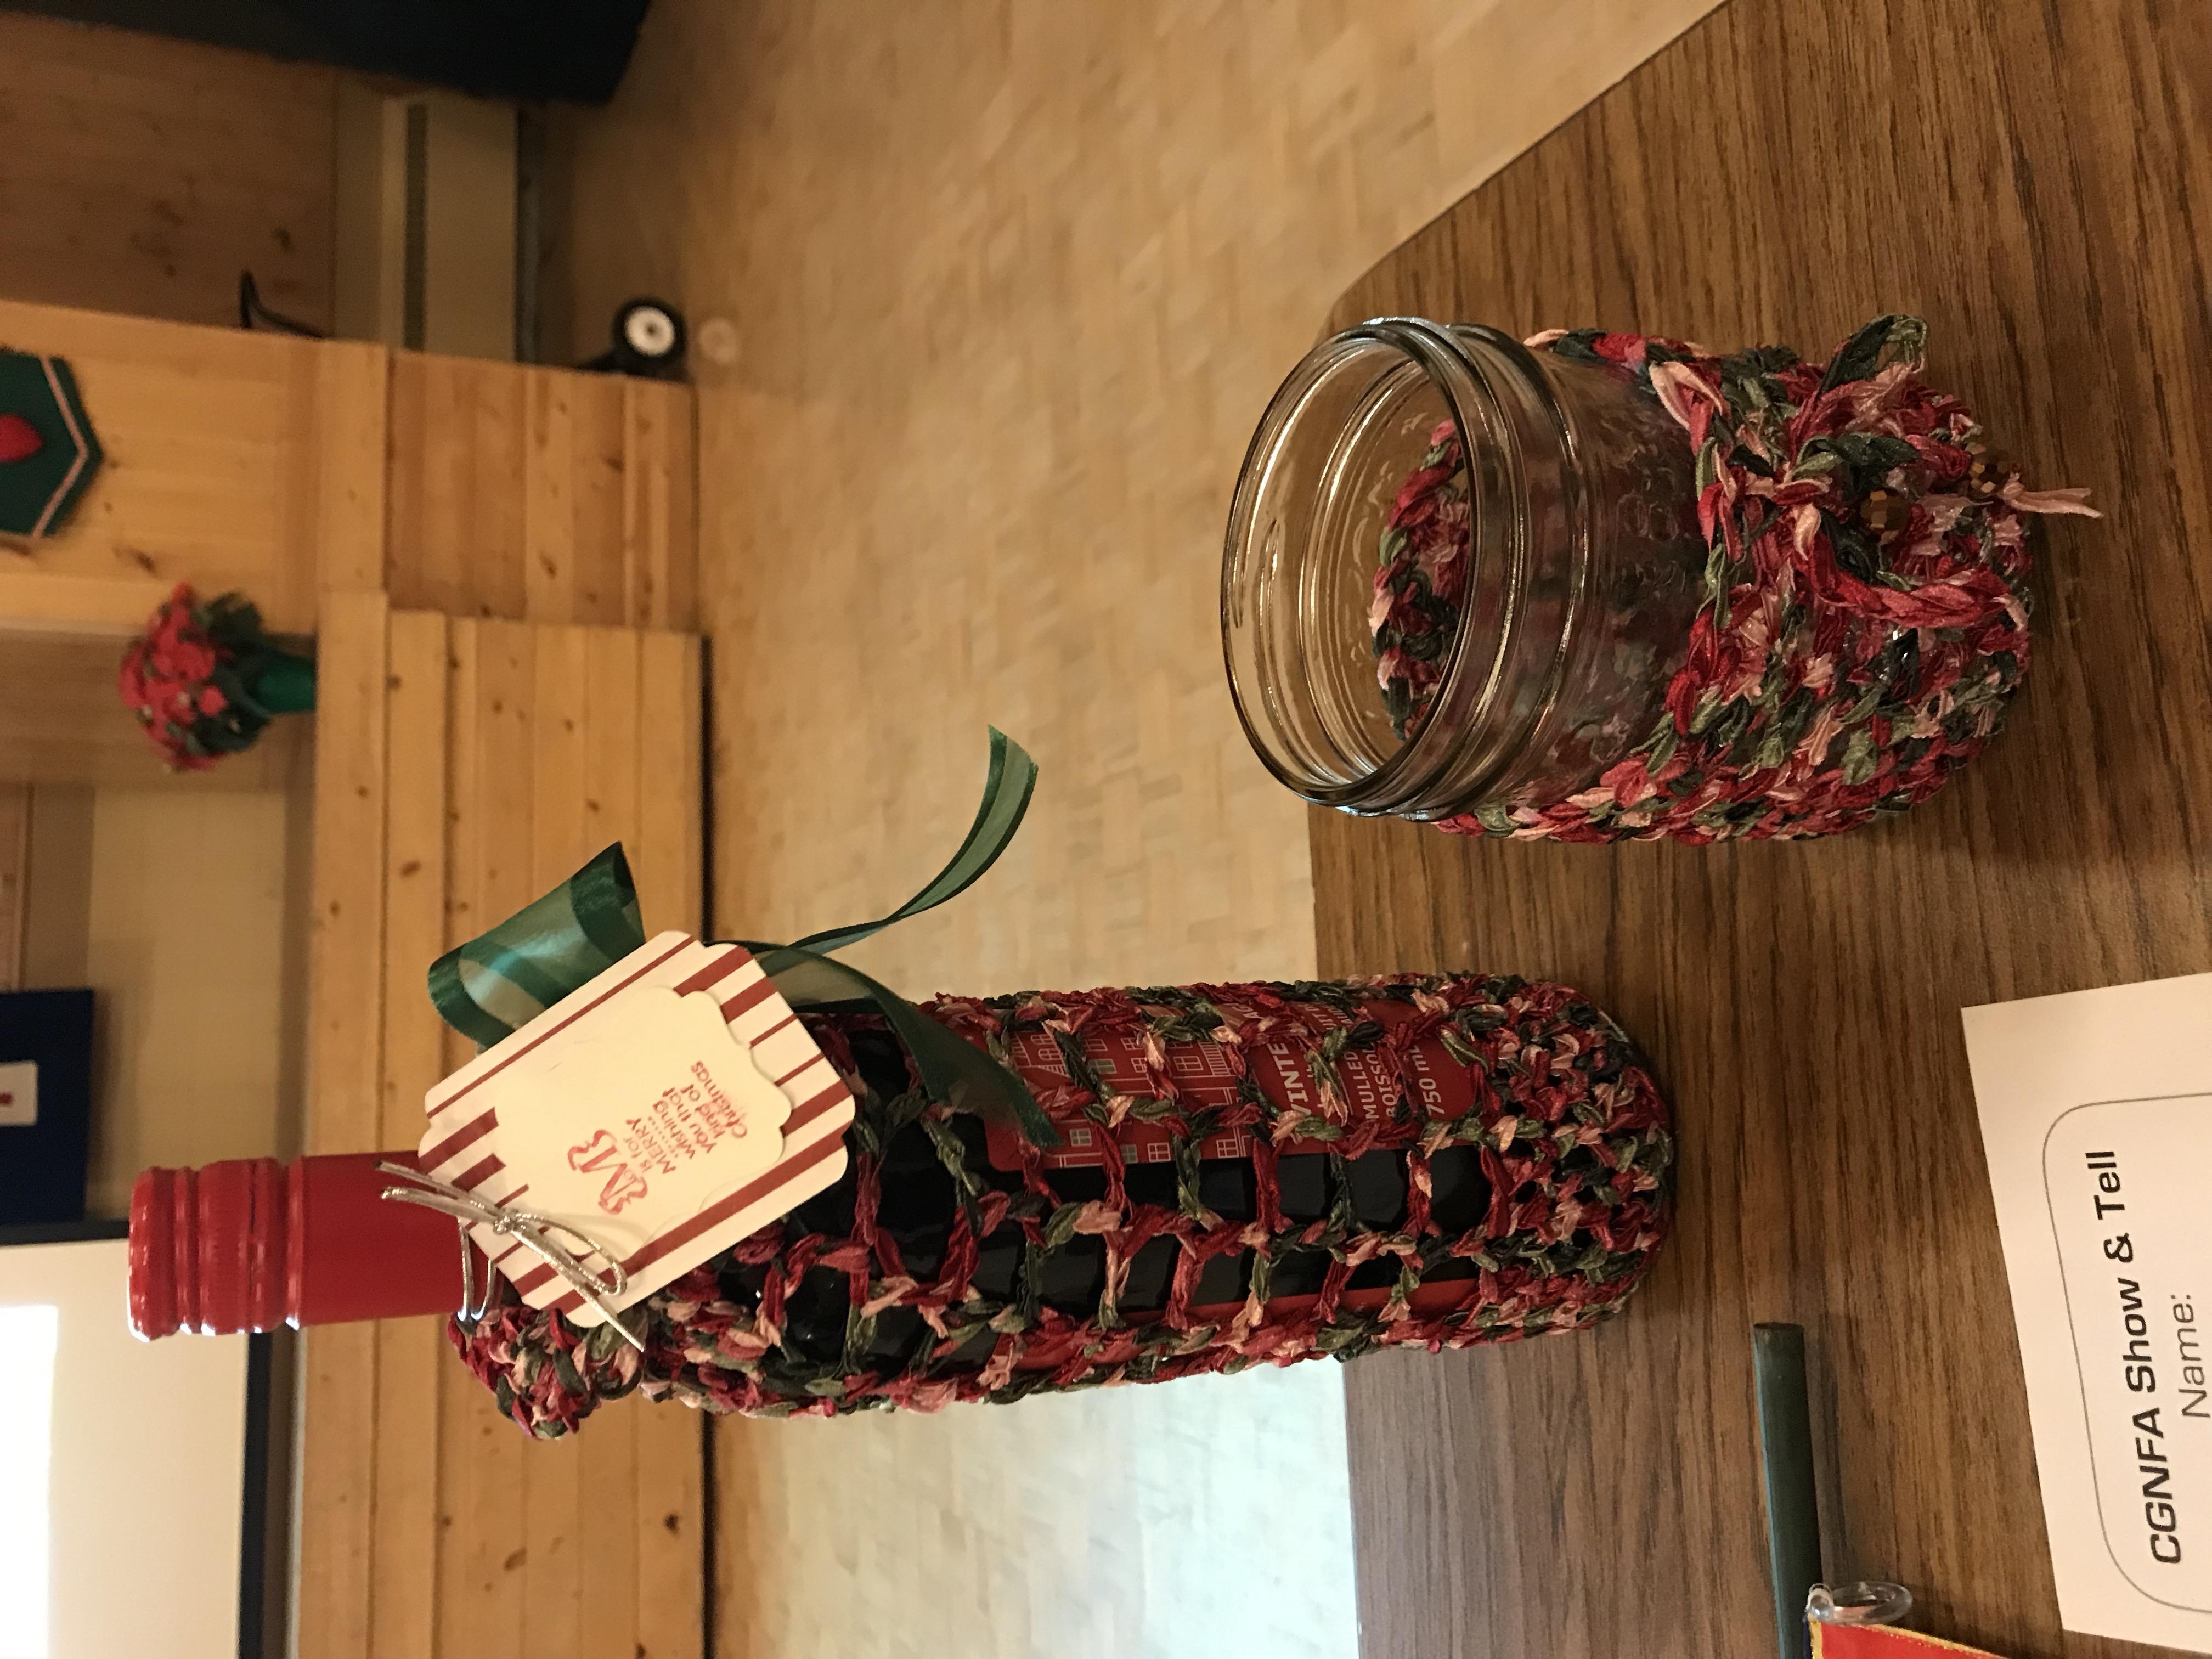 Dina's Knitted Bottle Holder